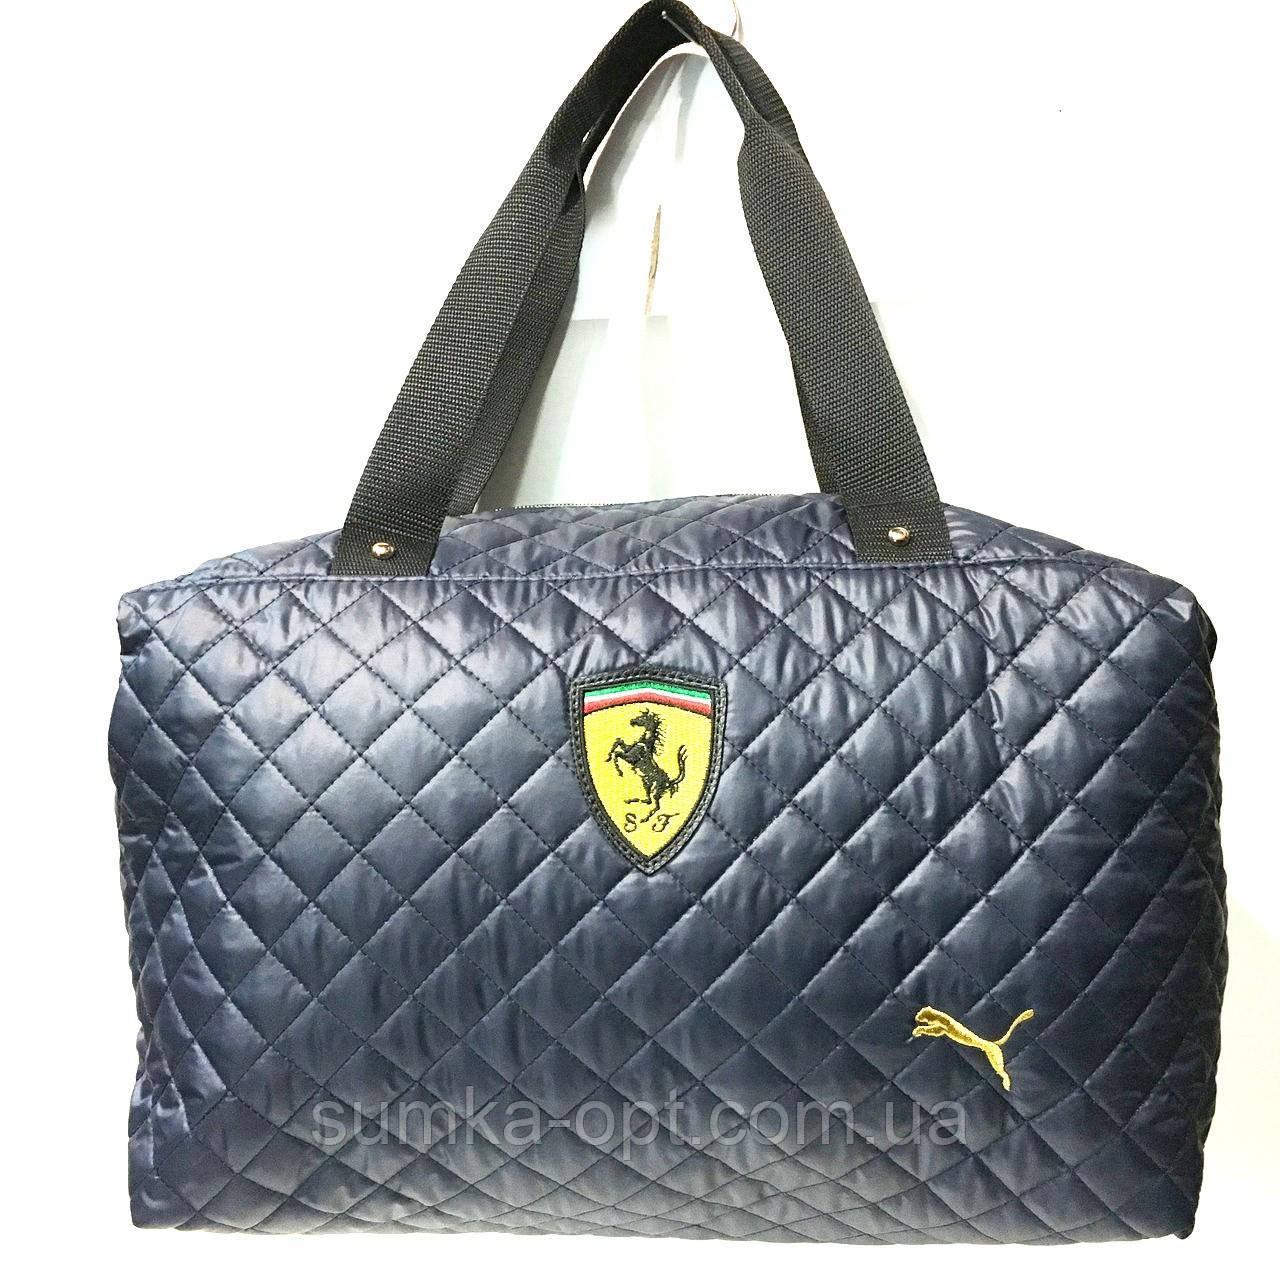 Брендовые спортивные сумки Ferrari+Puma (синий)28*39см